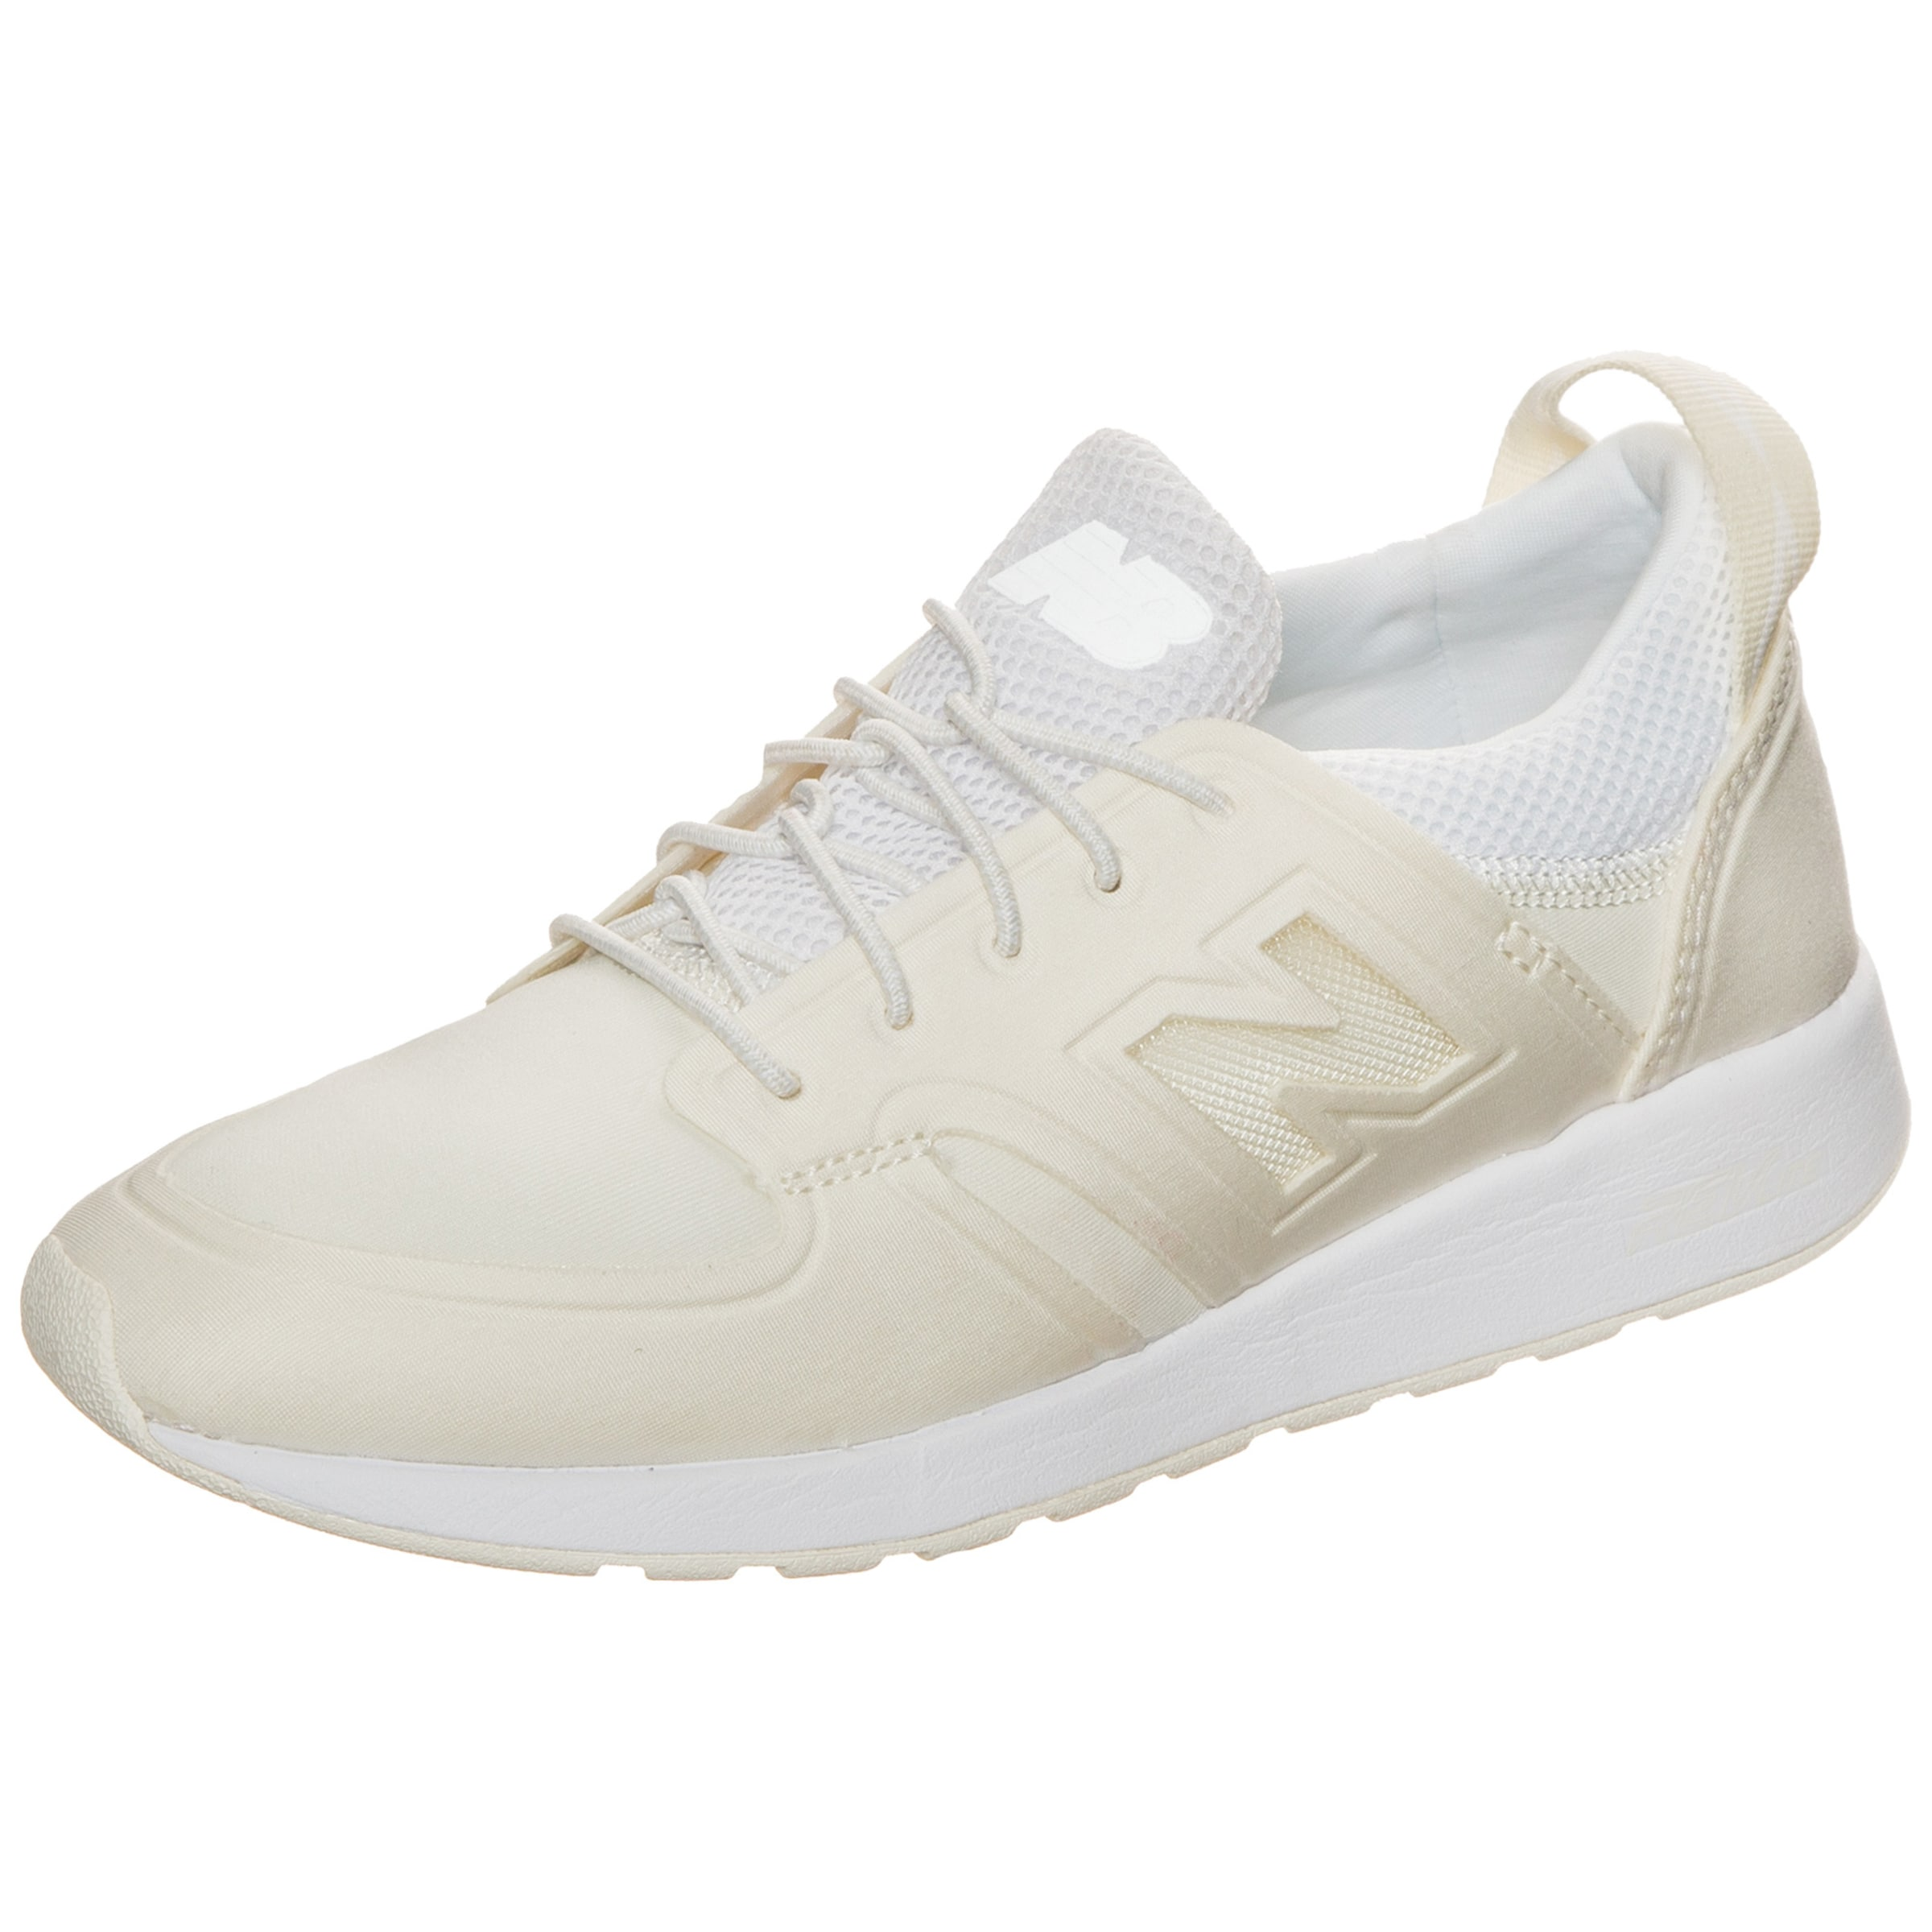 Bester Verkauf Verkauf Online Billig Klassisch new balance Slip-On Sneaker 7Df5nU